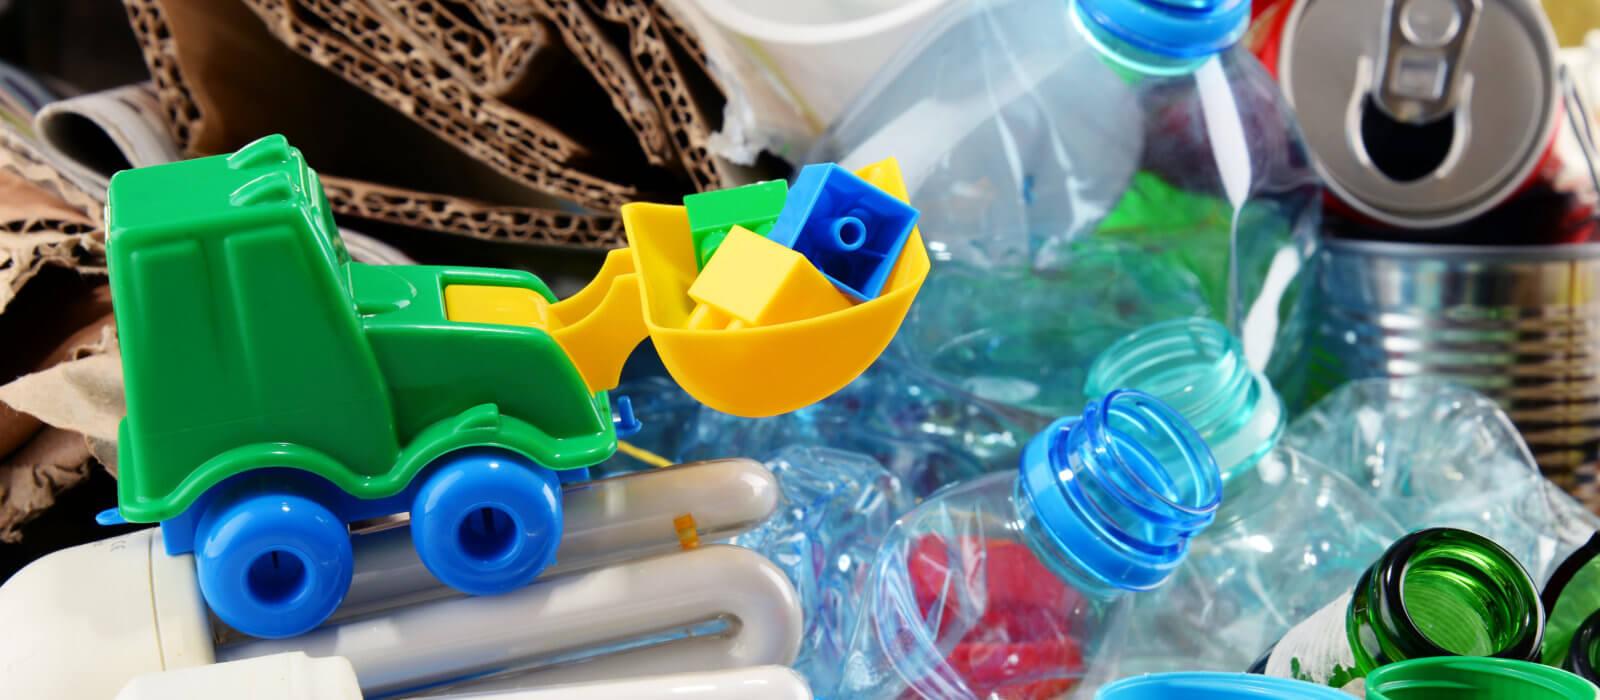 Heimstaden-Sådan sorterer-du-dit-affald-korrekt